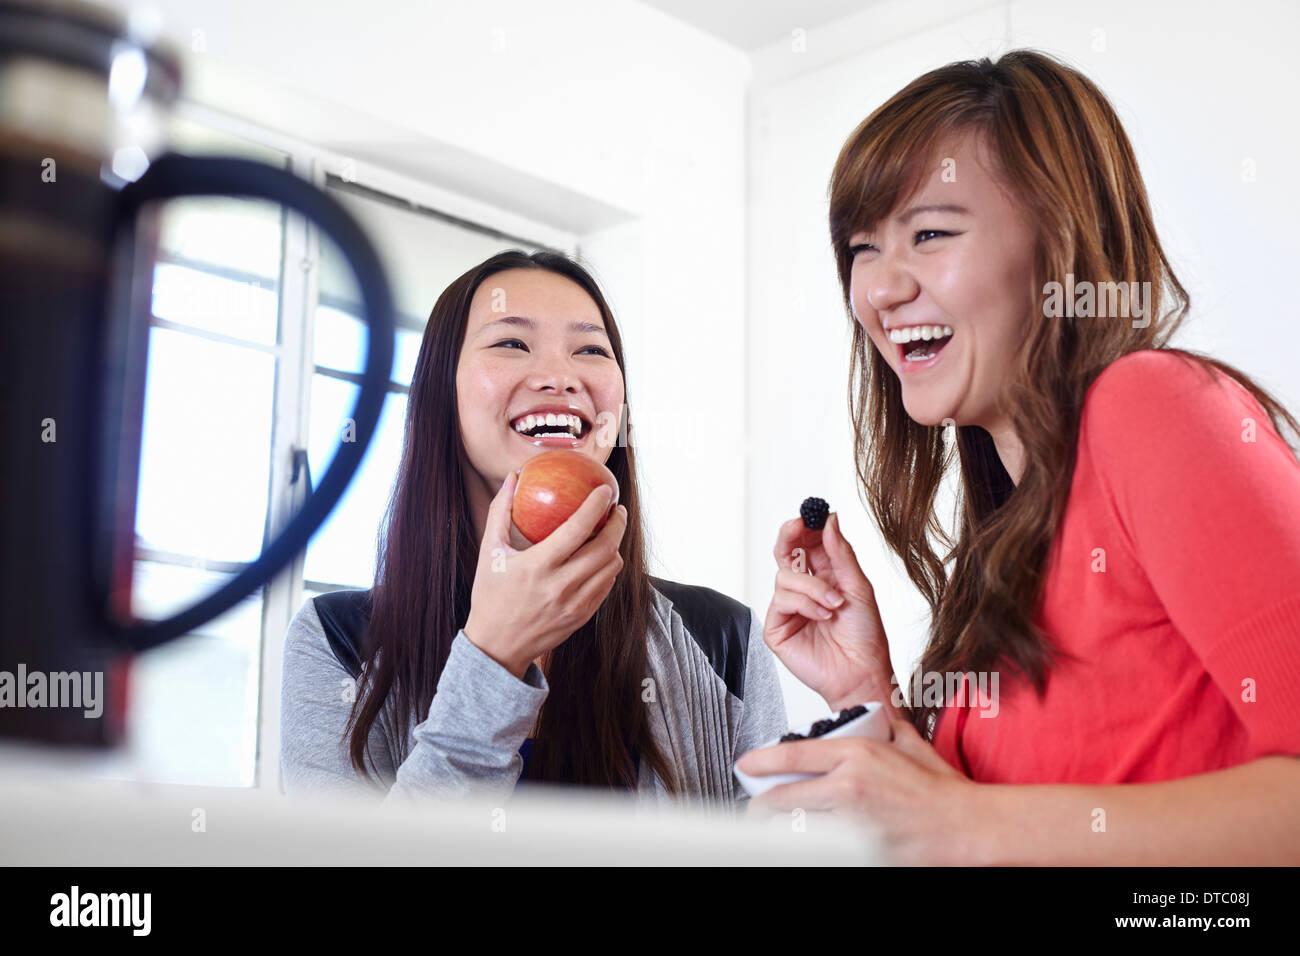 Dos jóvenes mujeres en la cocina comiendo fruta Imagen De Stock